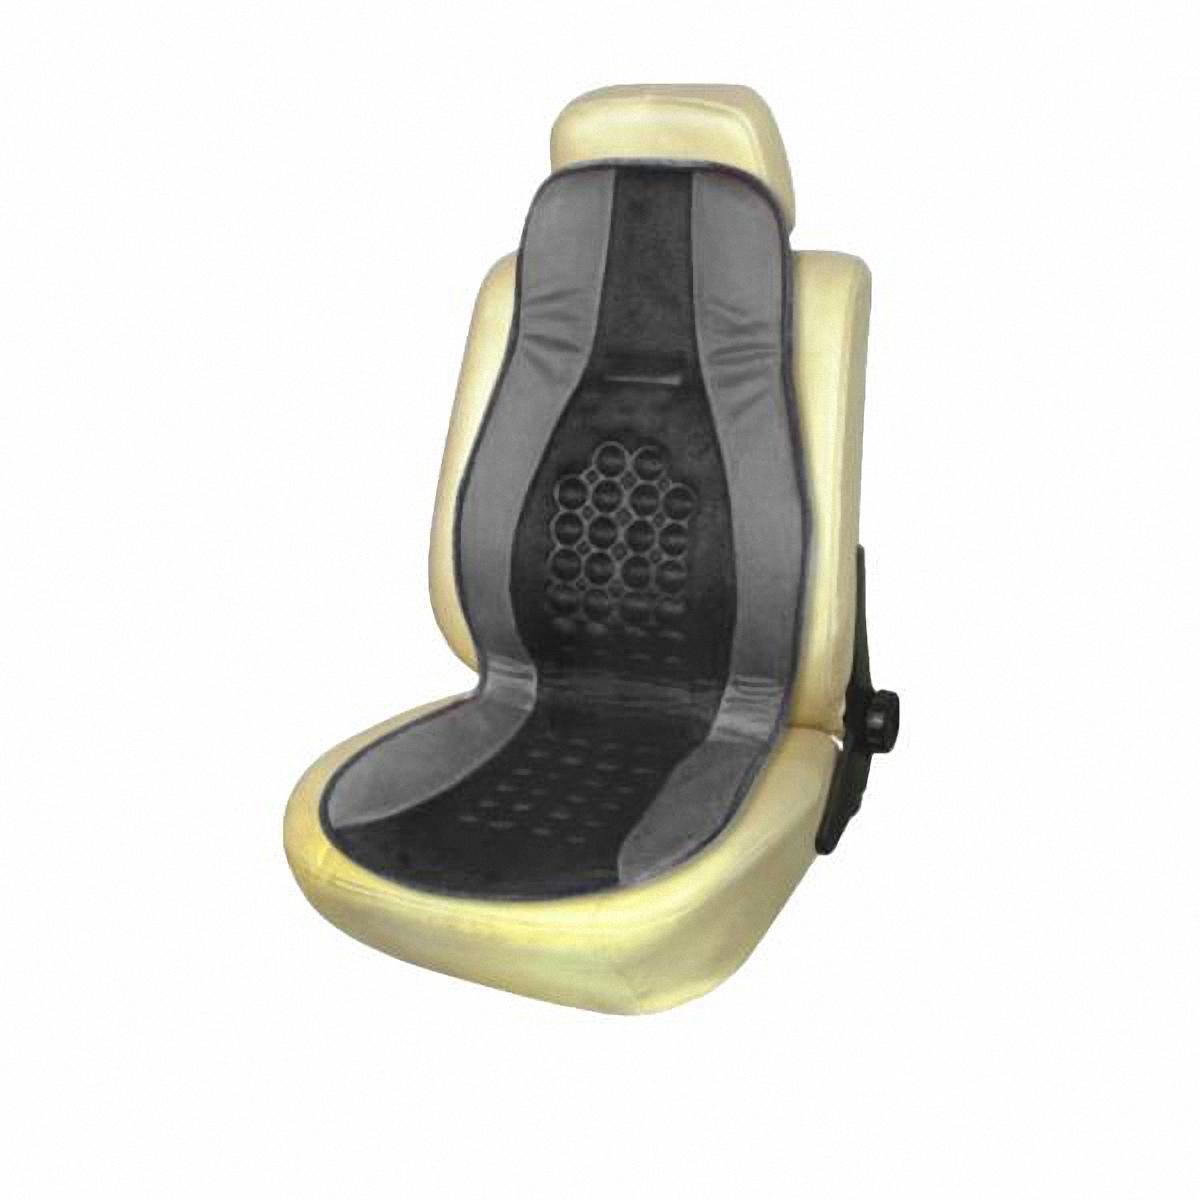 Накидки автомобильные Skyway. SW-102099 BK/GY /S01302003Ветерок 2ГФНакидки на сидения SKYWAY – это изящное сочетание стиля и качества. Выполненные из особого материала они расслабляют мышцы спины при поездке, благотворно влияя на позвоночник. Так просто получить ощущение легкого массажа. С ними салон становится уютнее, а сами сидения – удобнее.